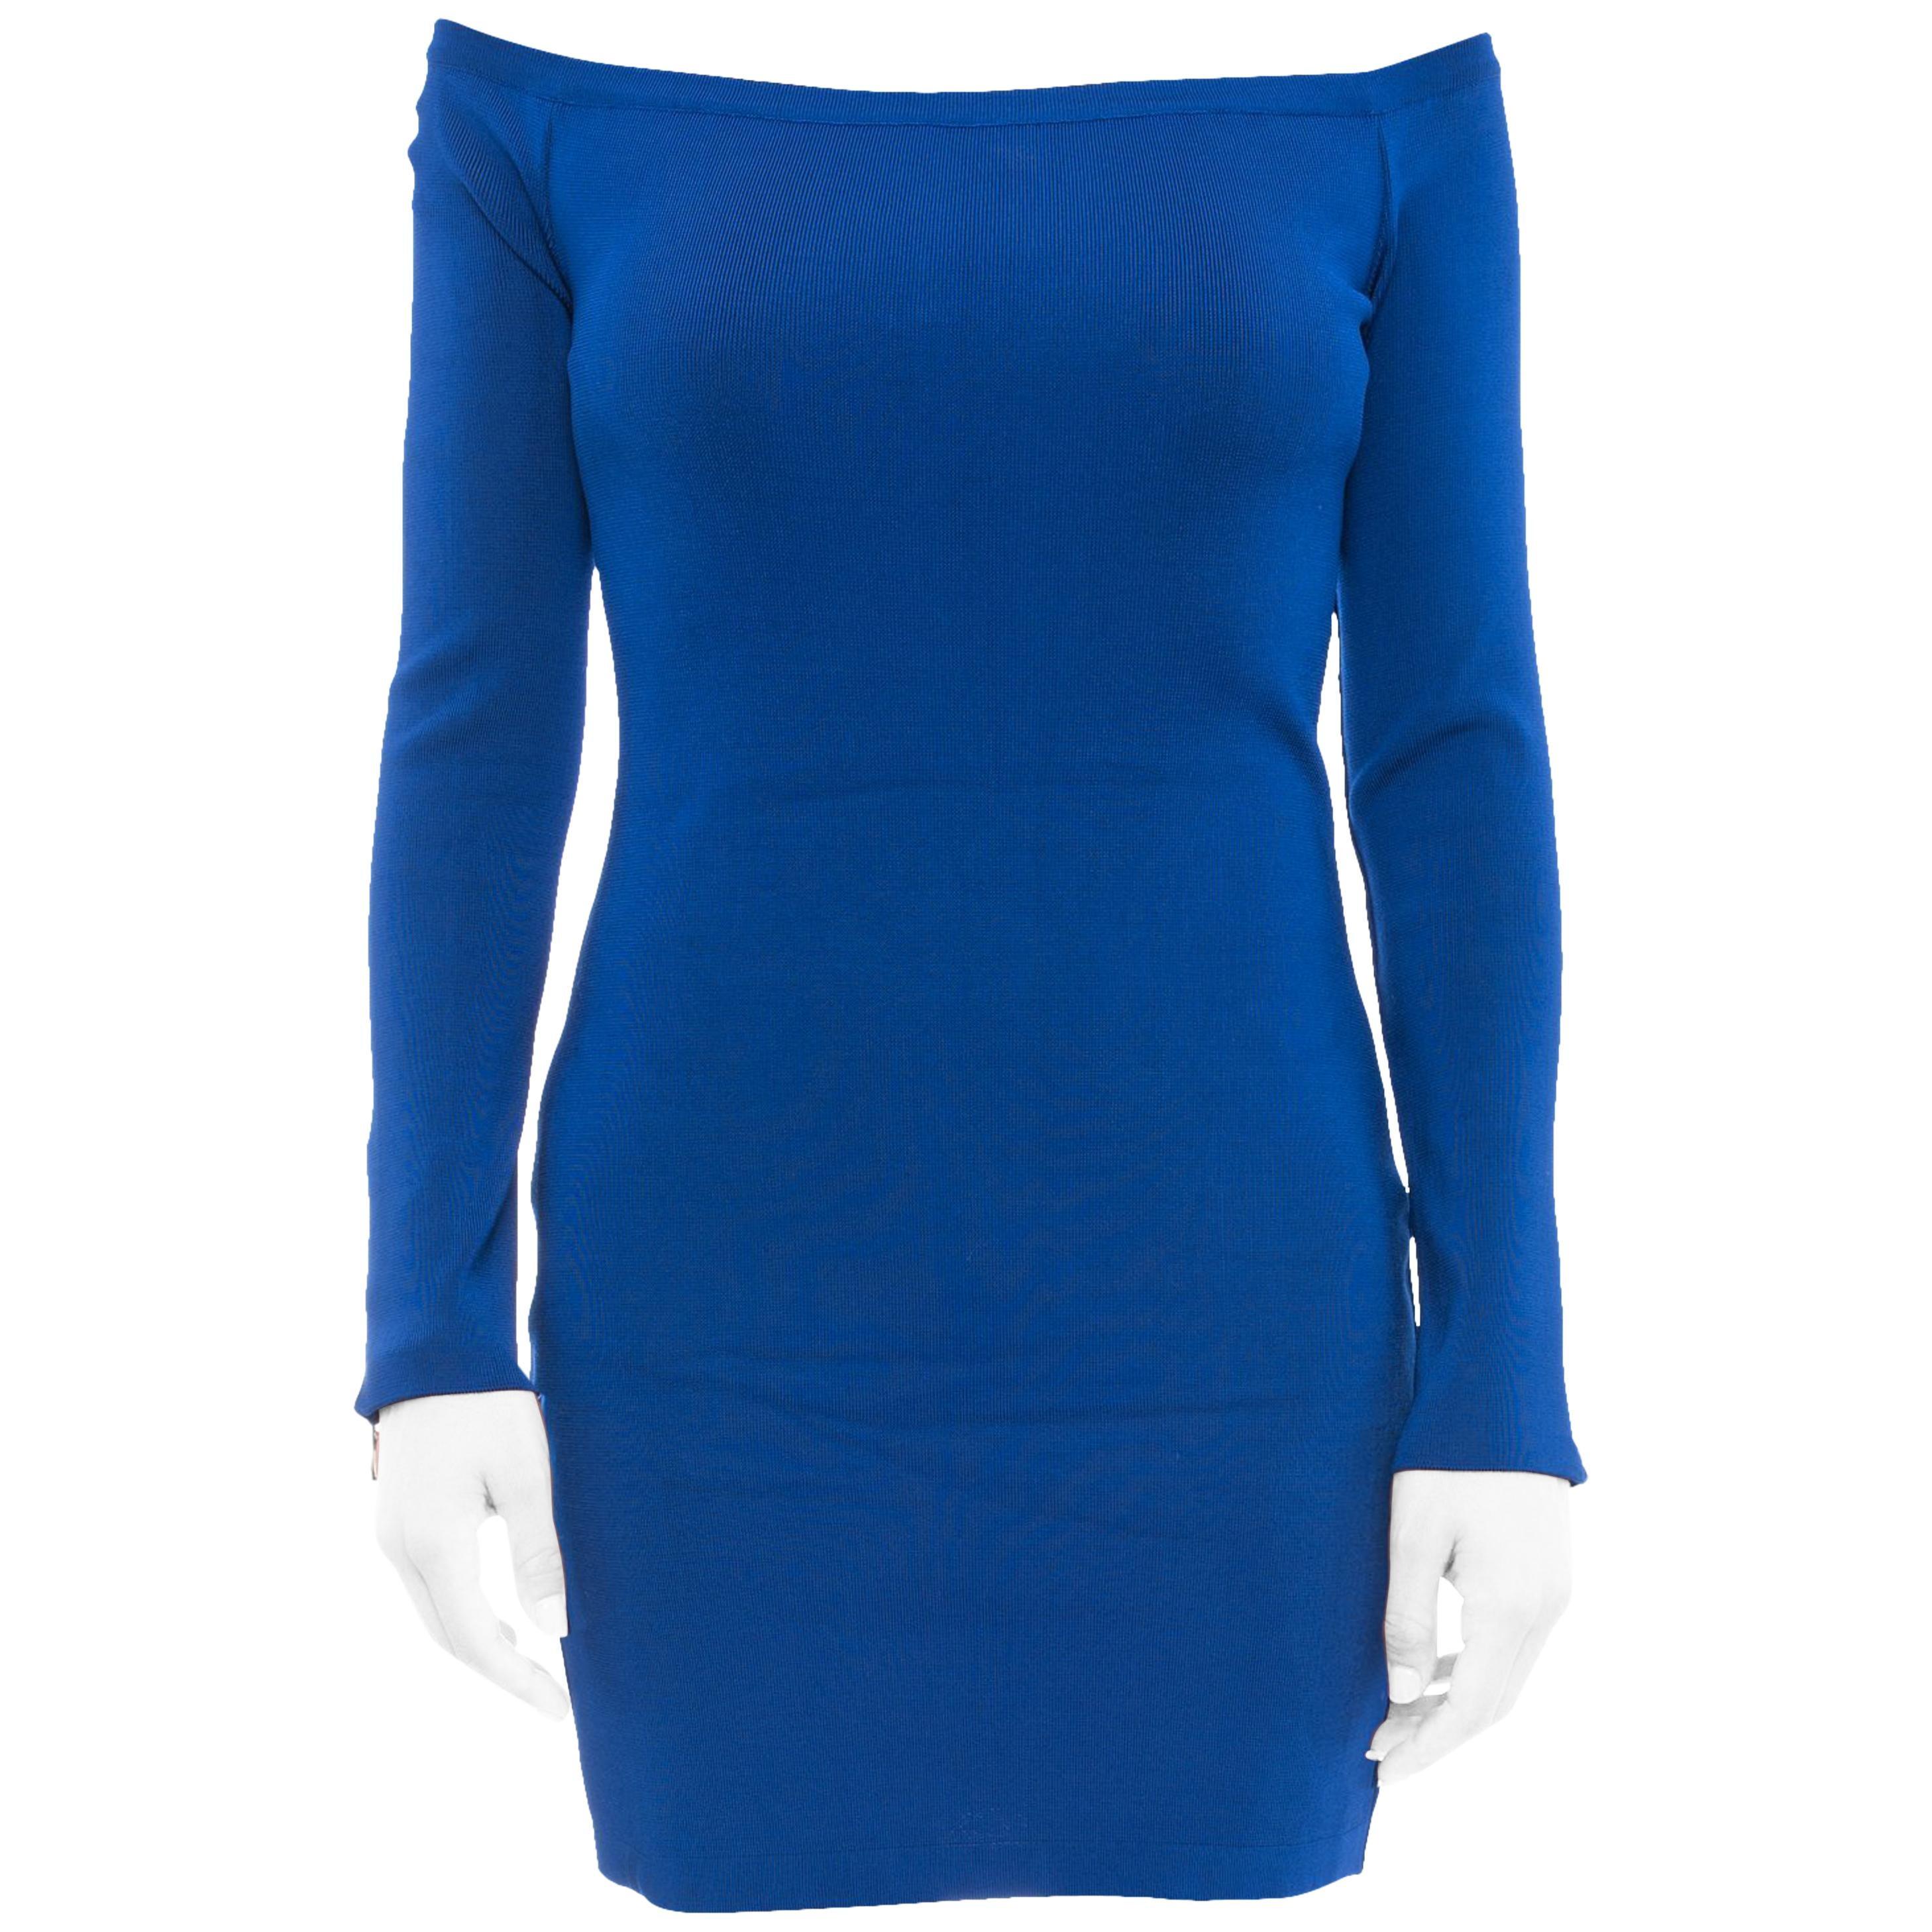 9d35dd4855a Balmain Cobalt Blue Off Shoulder Bodycon Dress at 1stdibs